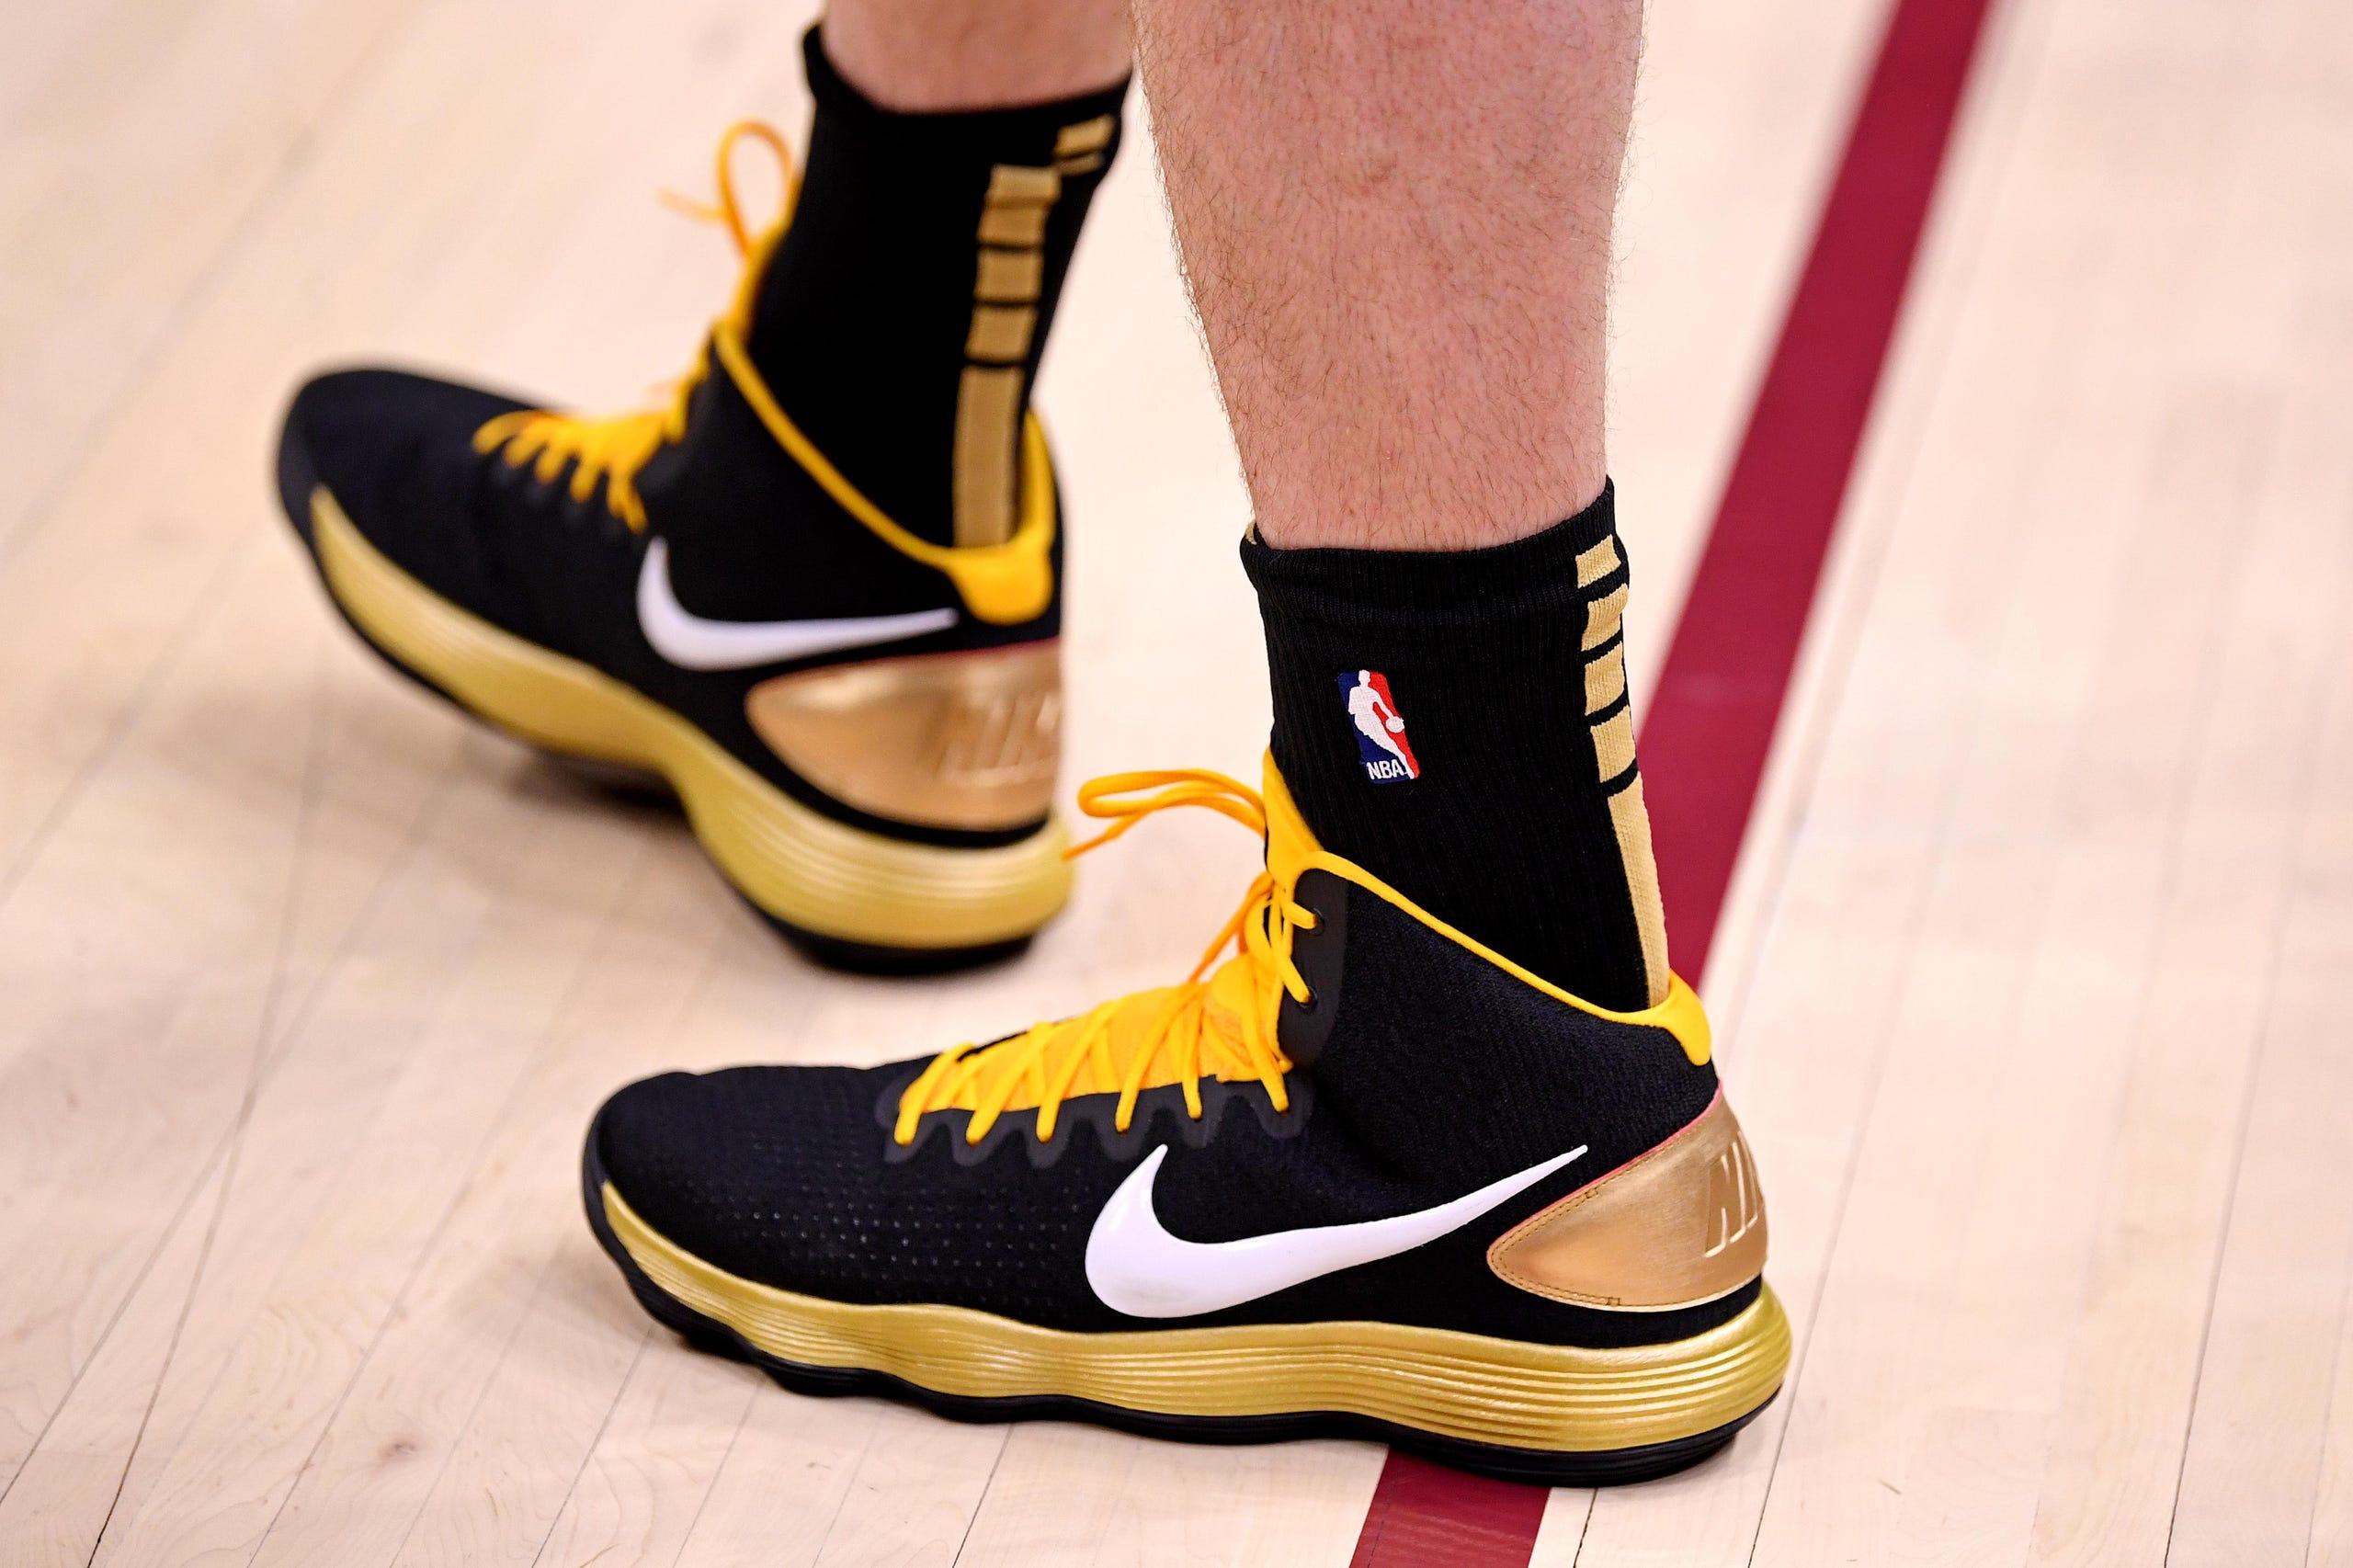 4f27a21a09176 NBA shoes  Best kicks of the 2018 playoffs